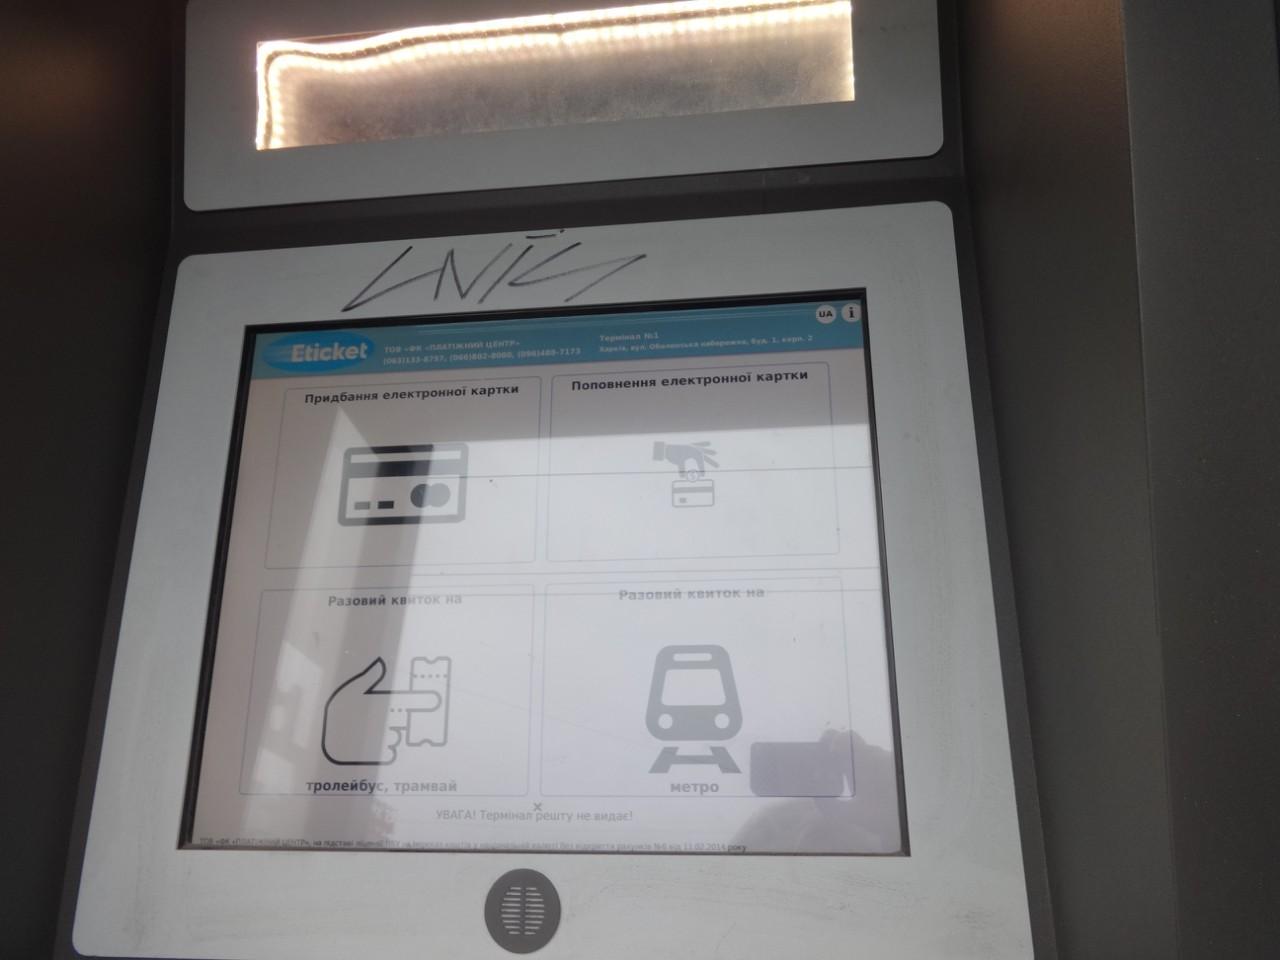 Где купить единый проездной билет в Харькове (список адресов, карта)